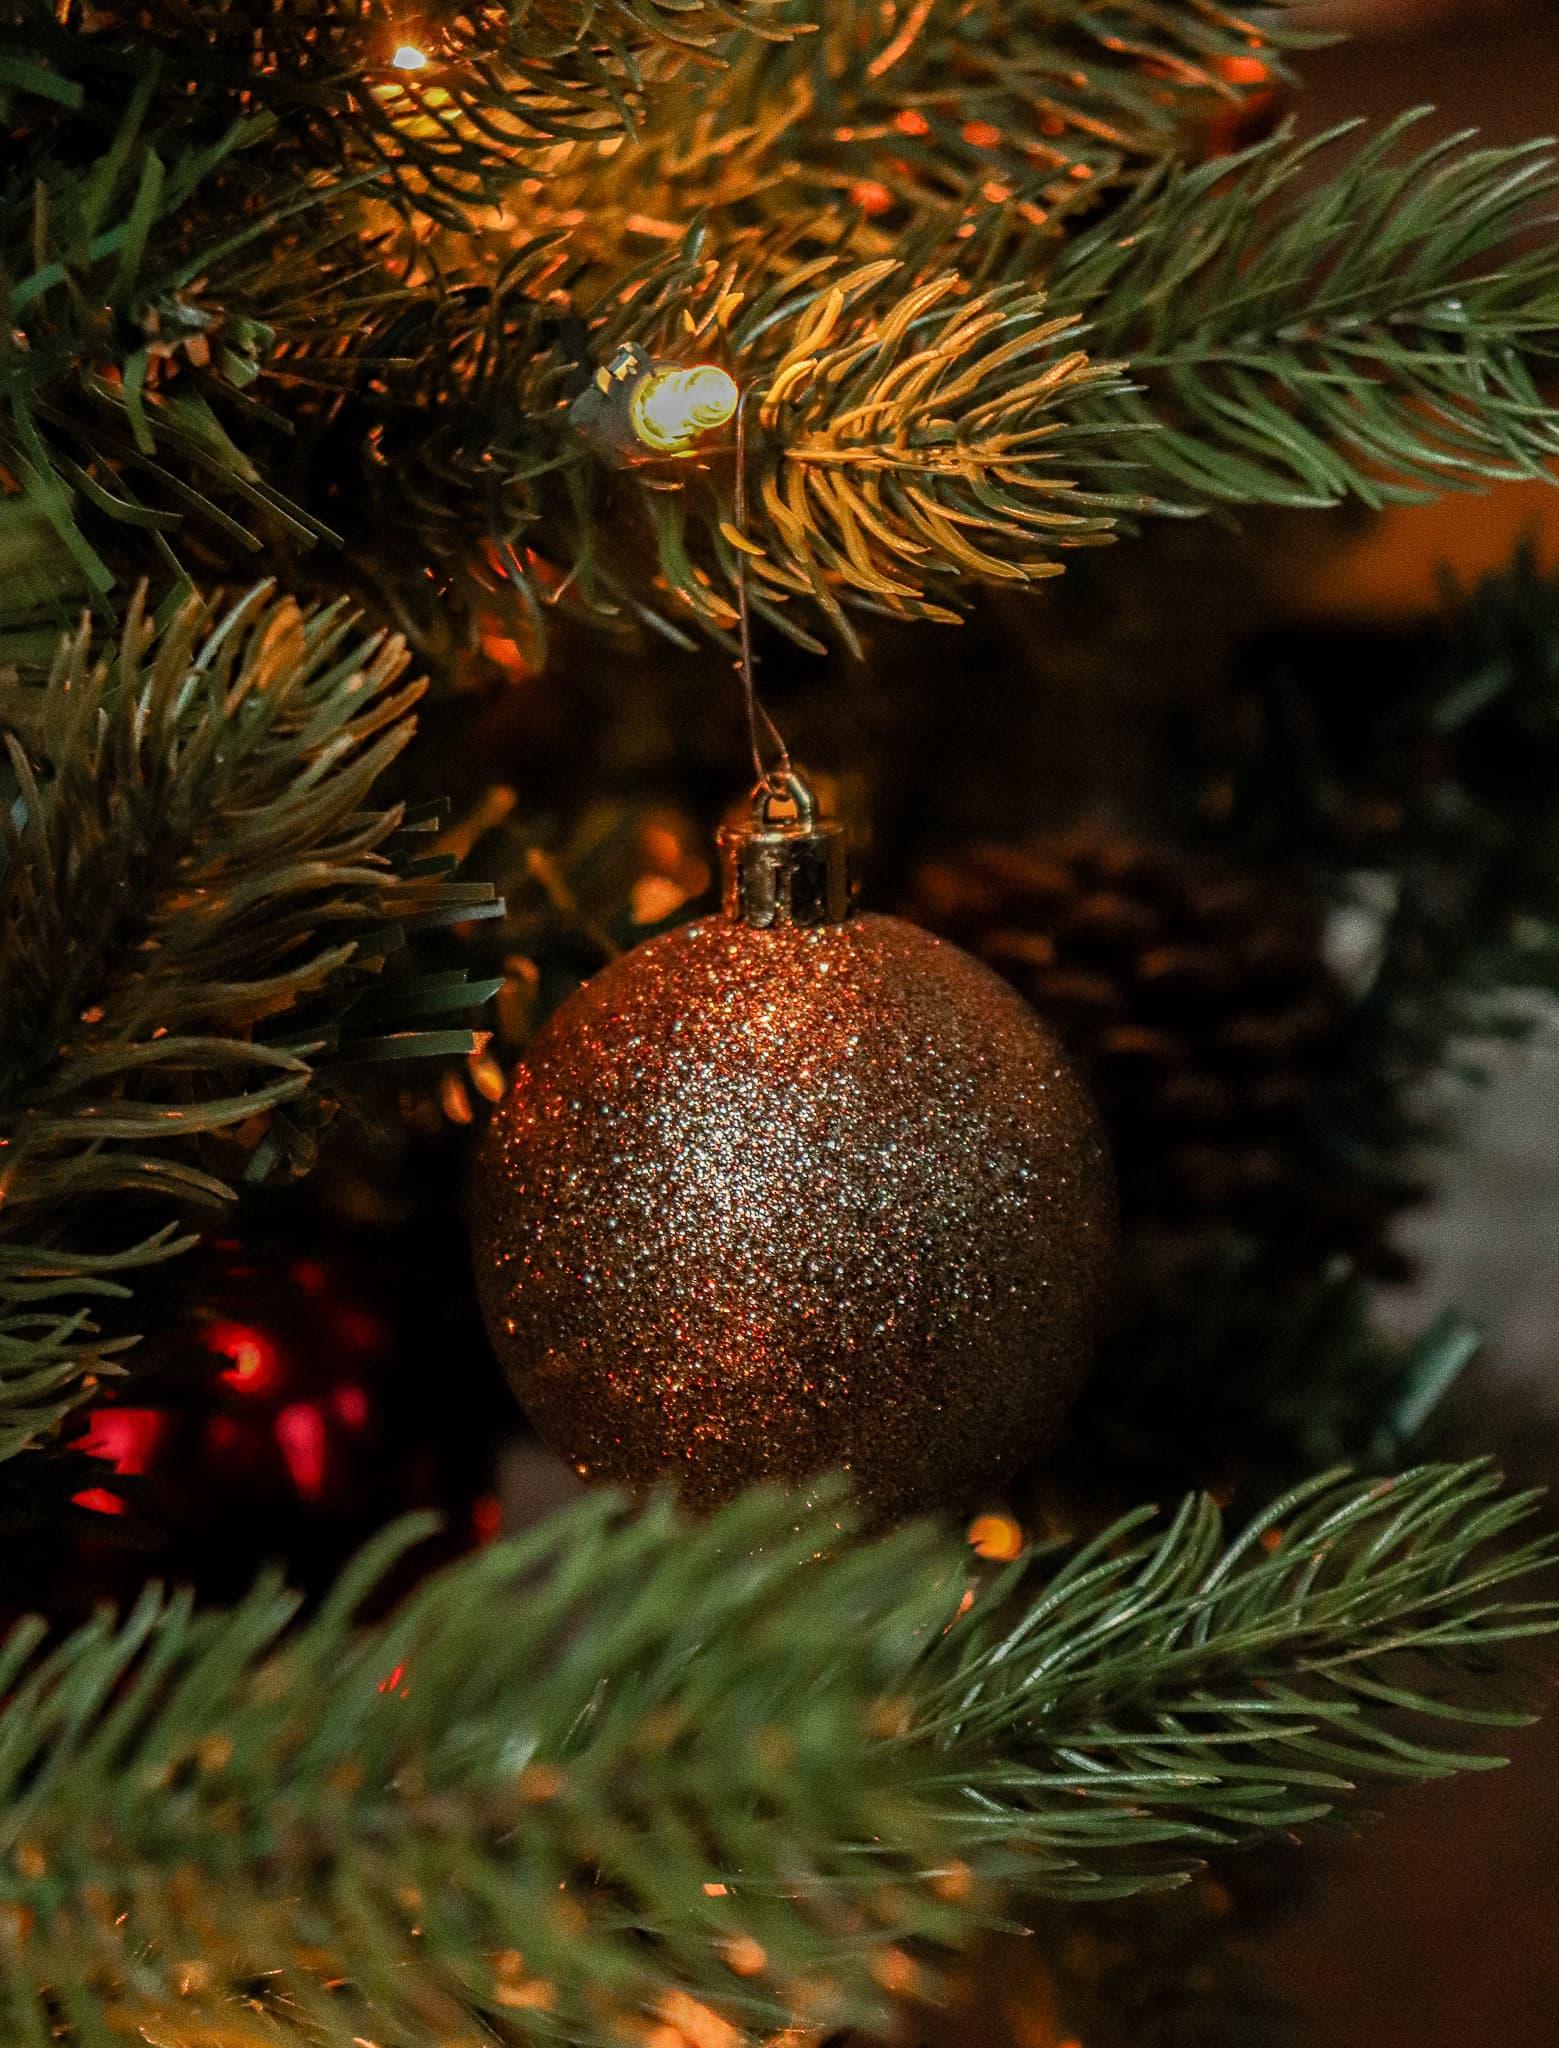 sparkly Christmas ball on Christmas tree with lights